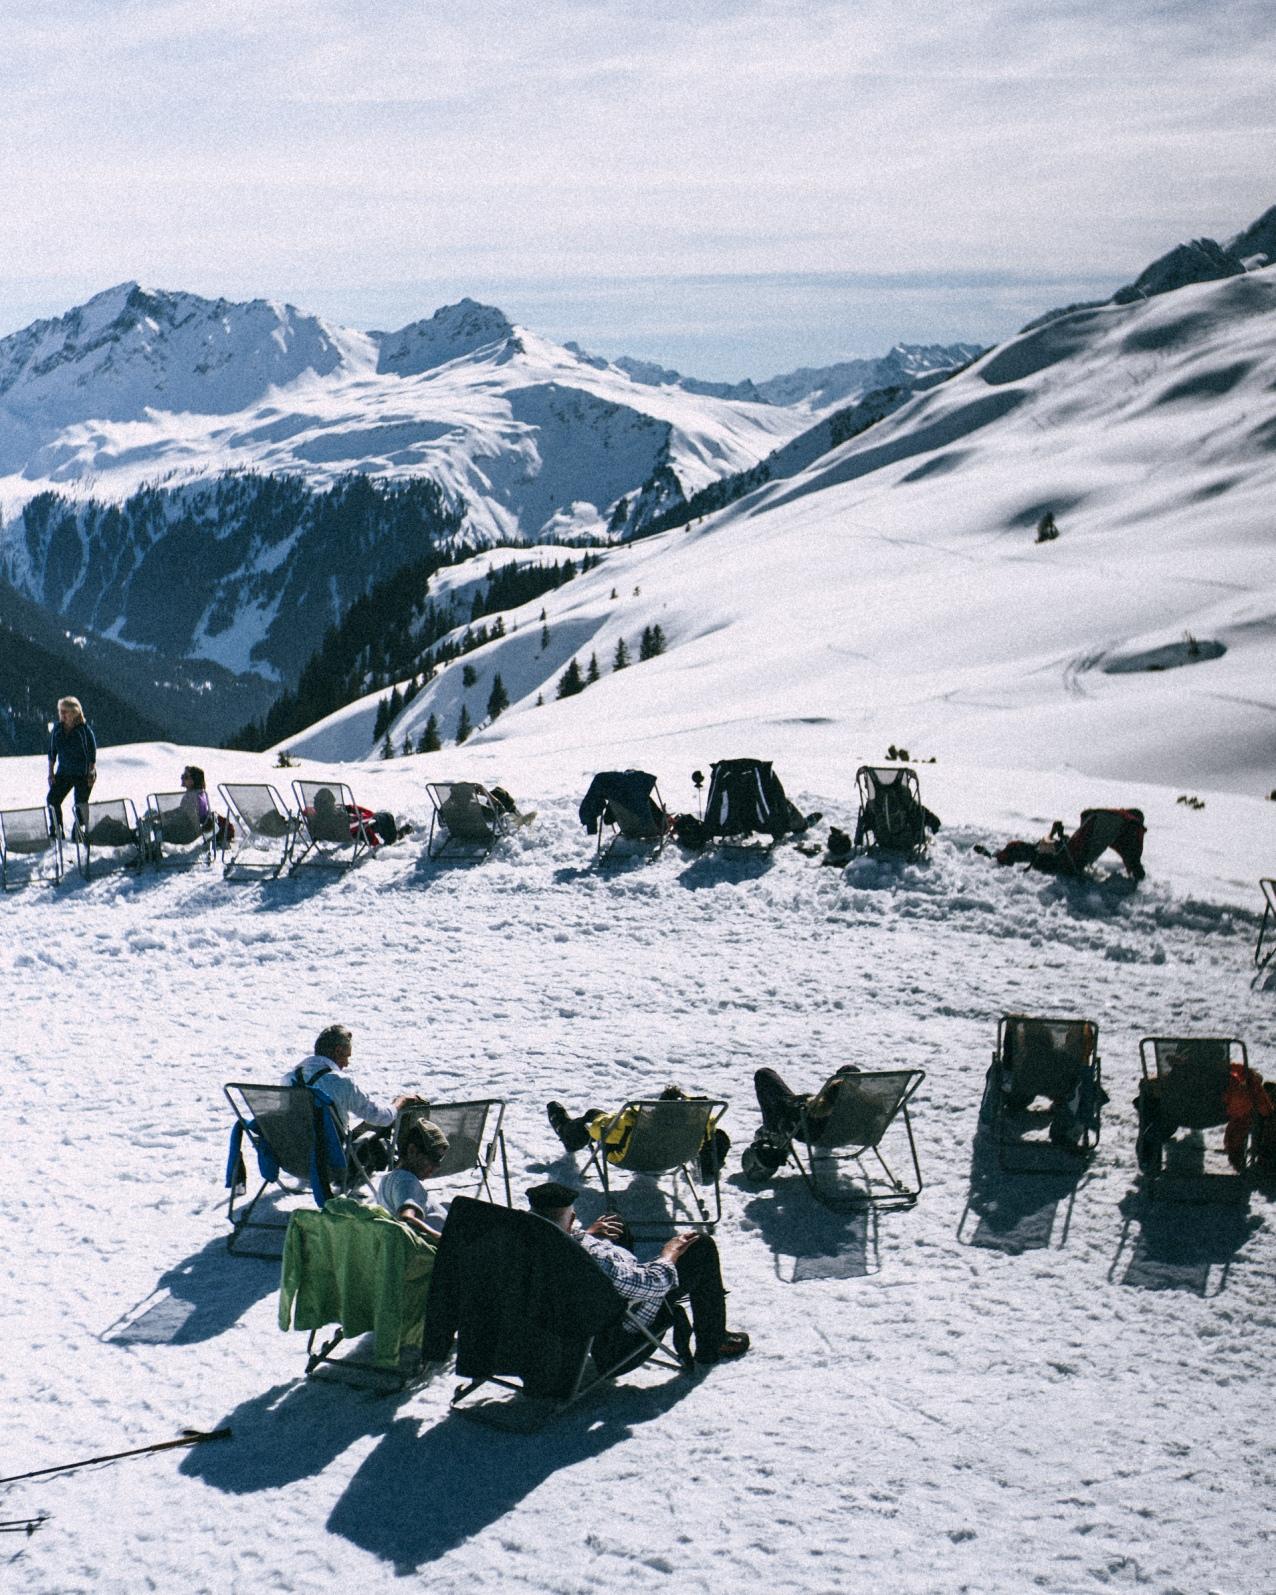 Alpen_JO-06234